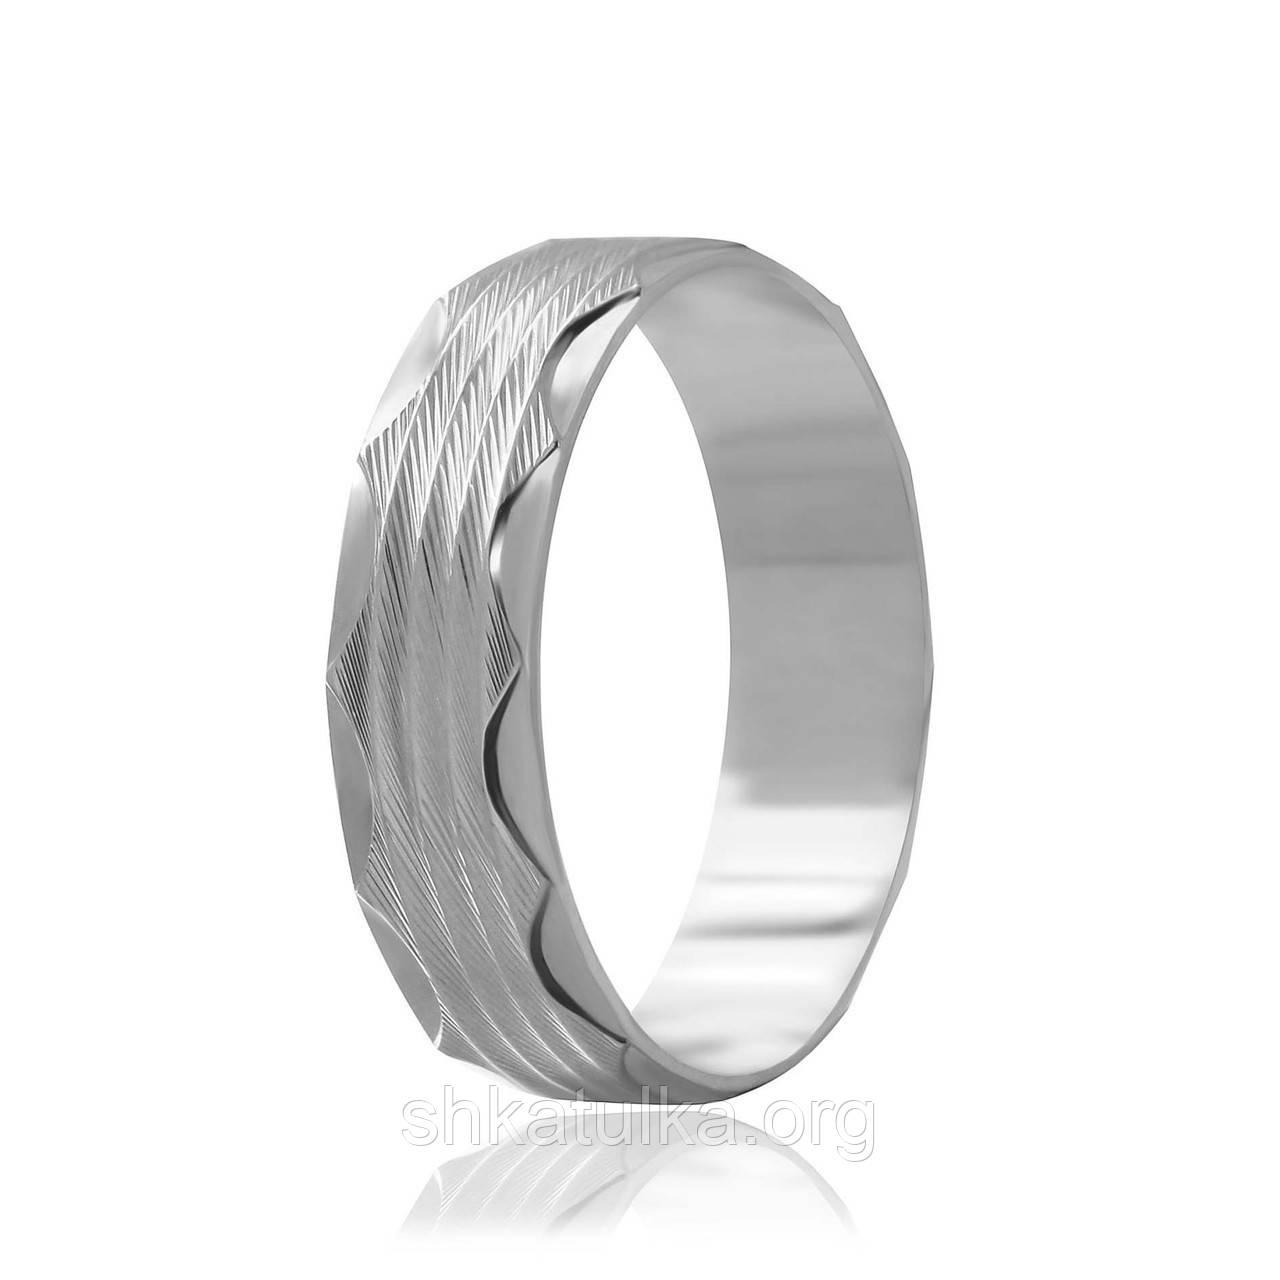 Обручальное кольцо серебряное К2/811 - 17,1